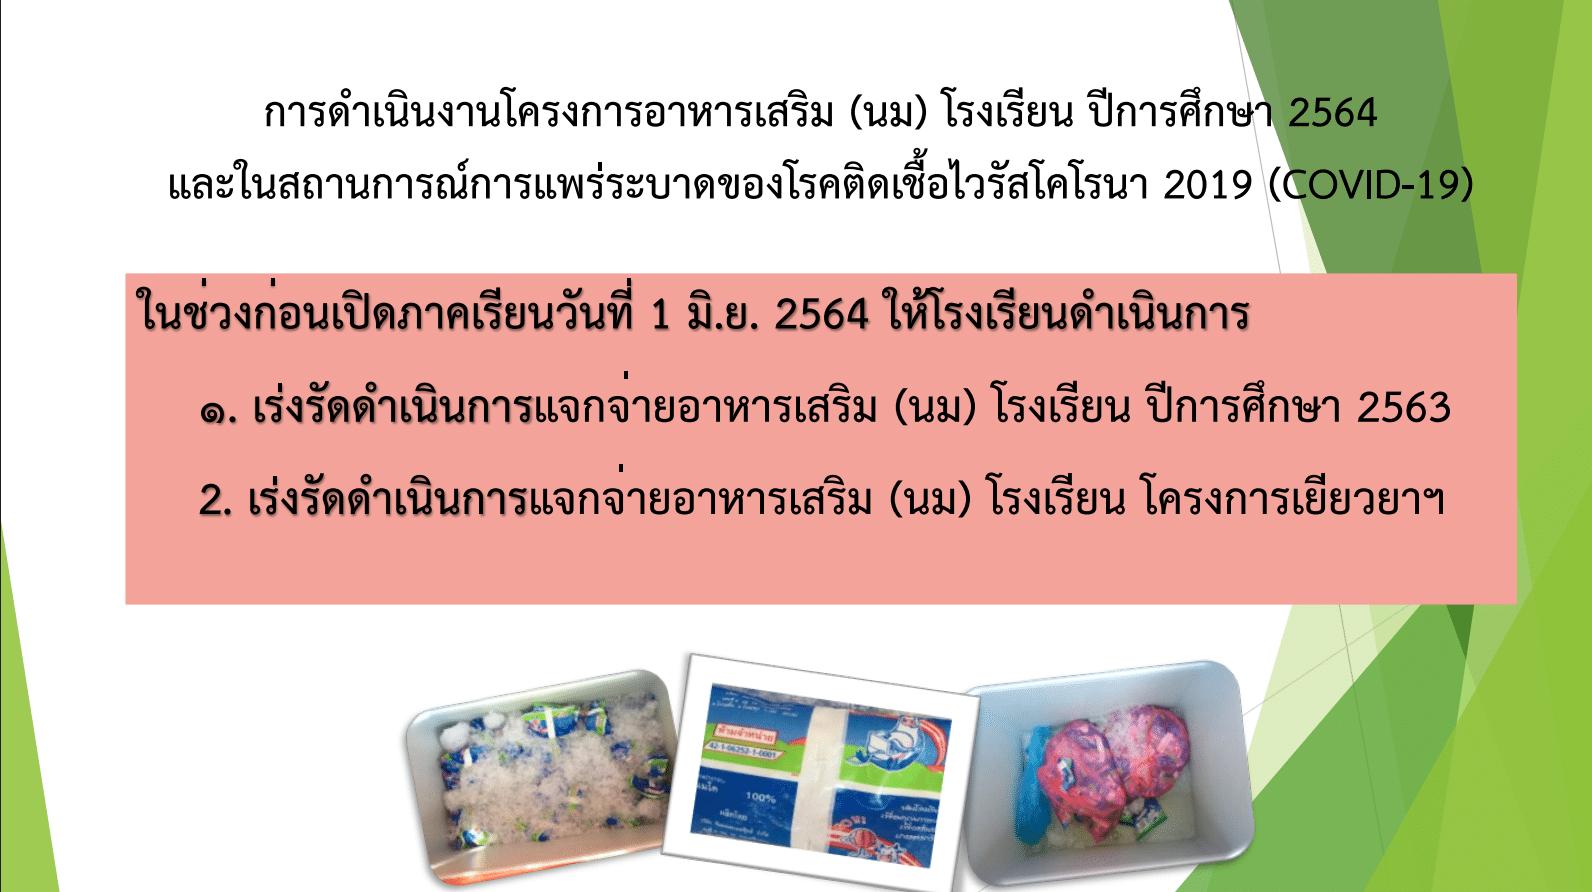 แนวทางการดําเนินงานโครงการอาหารกลางวัน และโครงการอาหารเสริม (นม) โรงเรียน ปีการศึกษา 2564